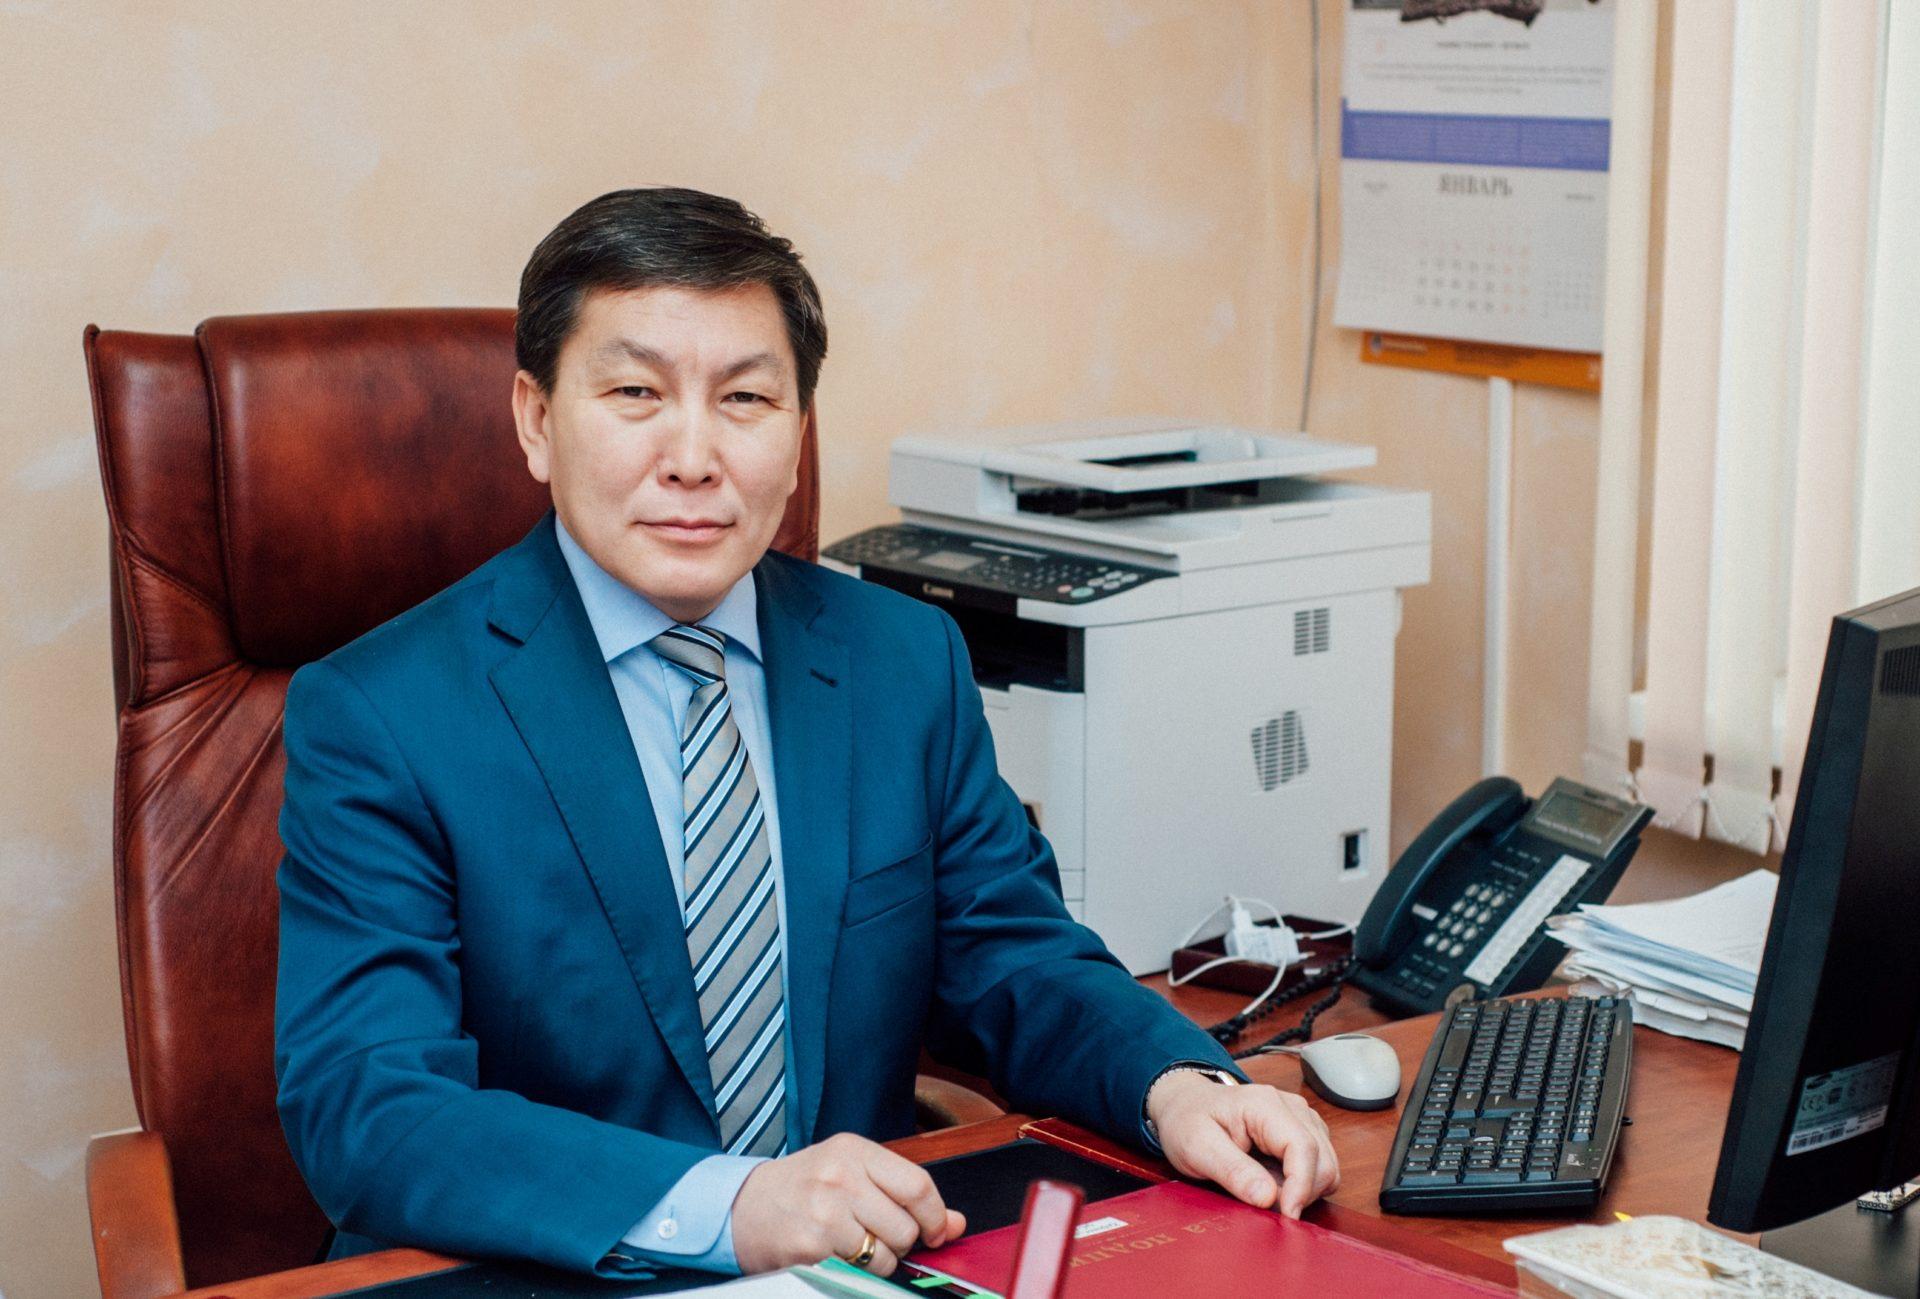 Василий Попов: «Некорректно обвинять производственное предприятие, выполняющее свою работу в рамках законодательства»